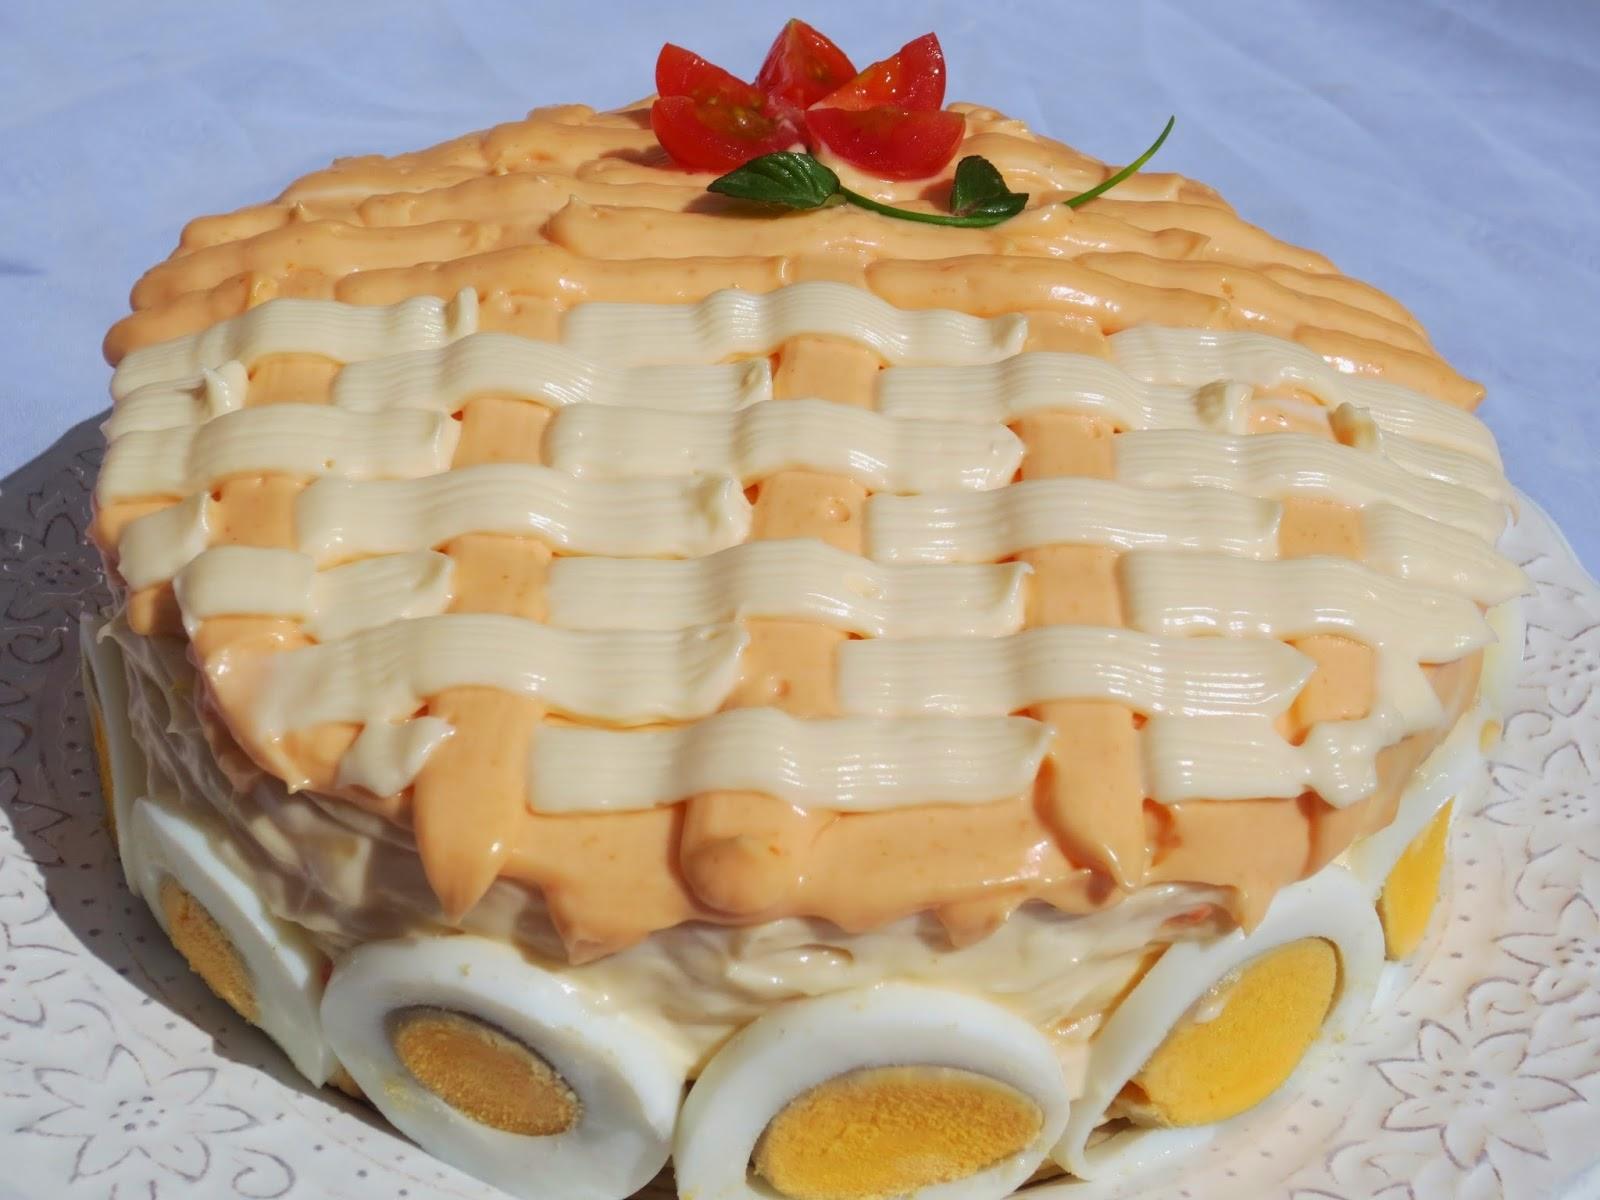 Tarta salada de tortitas (Fría) Ana Sevilla cocina tradicional